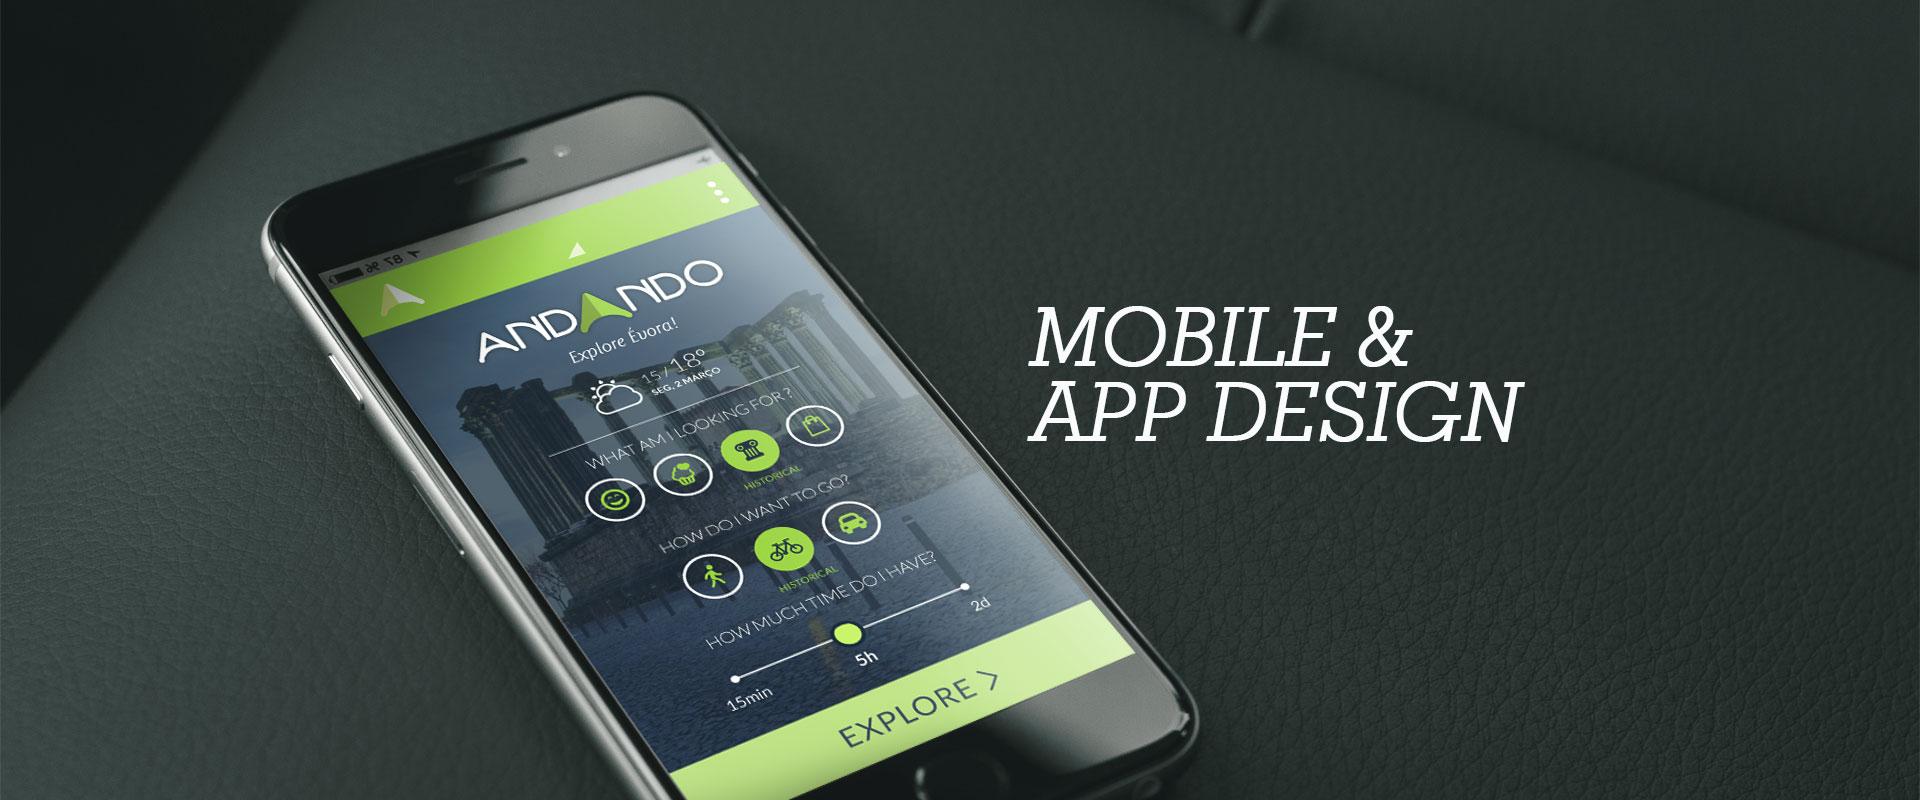 slider3_app_andando